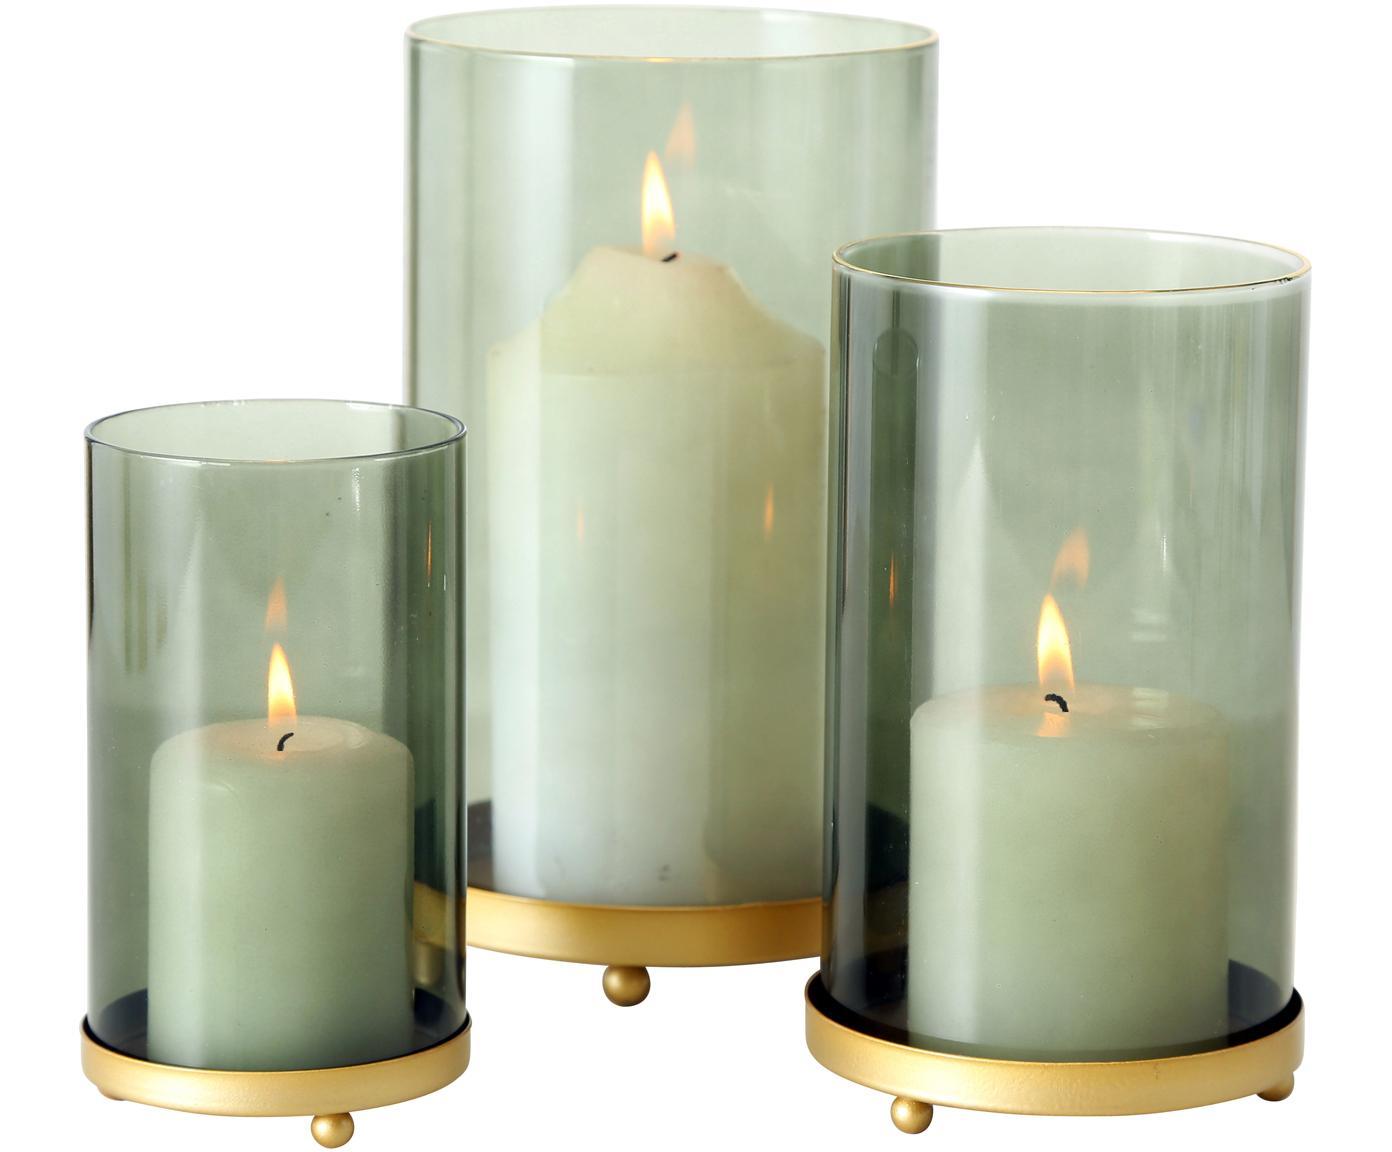 Komplet świeczników Knikki, 3 elem., Szkło, metal, Zielony, Różne rozmiary